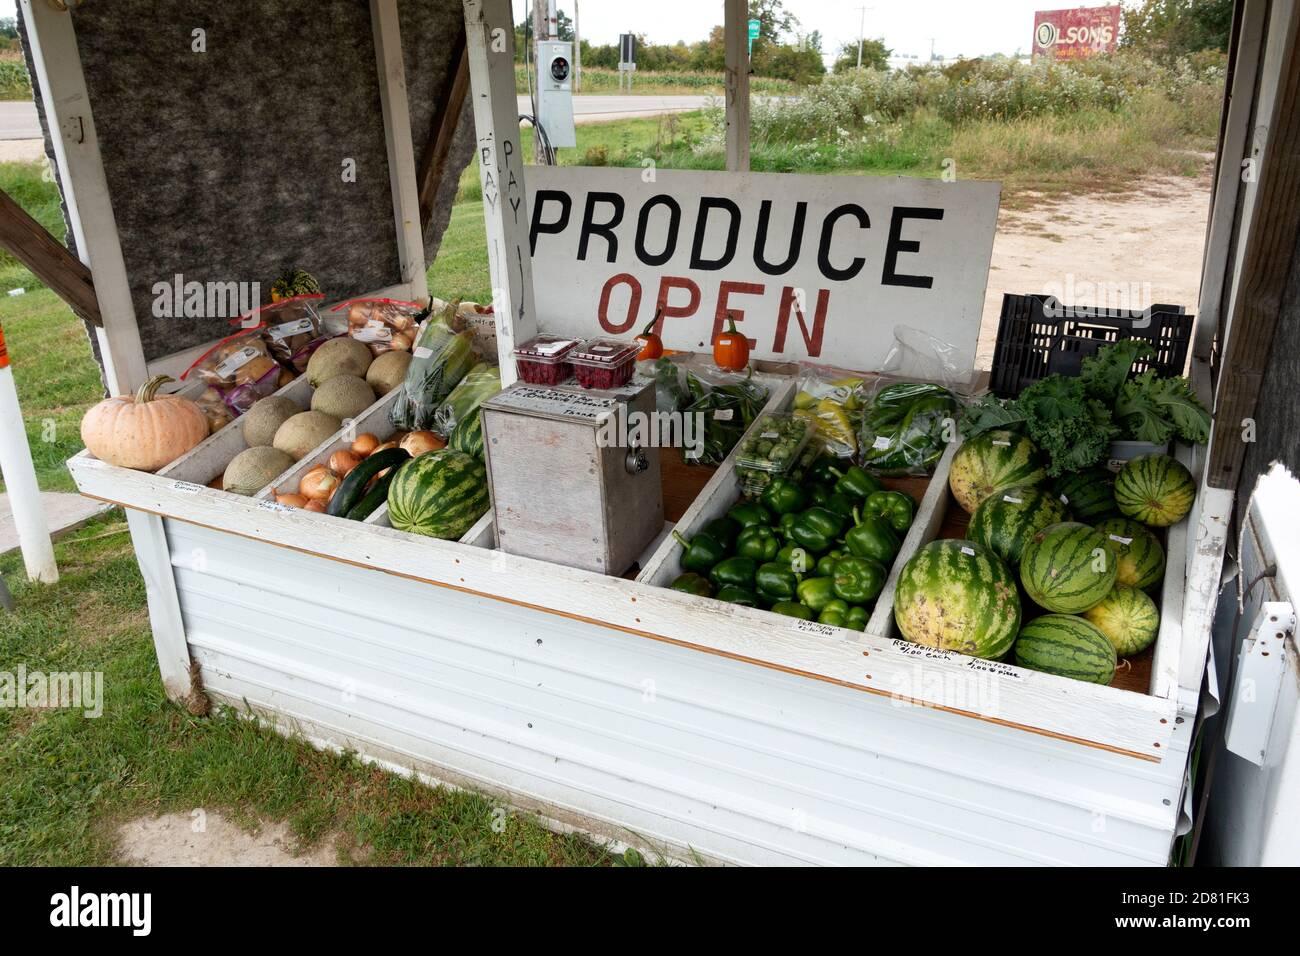 Un puesto de productos en la carretera que vende frutas y verduras en el sistema de honor. Millerville Minnesota MN EE.UU Foto de stock